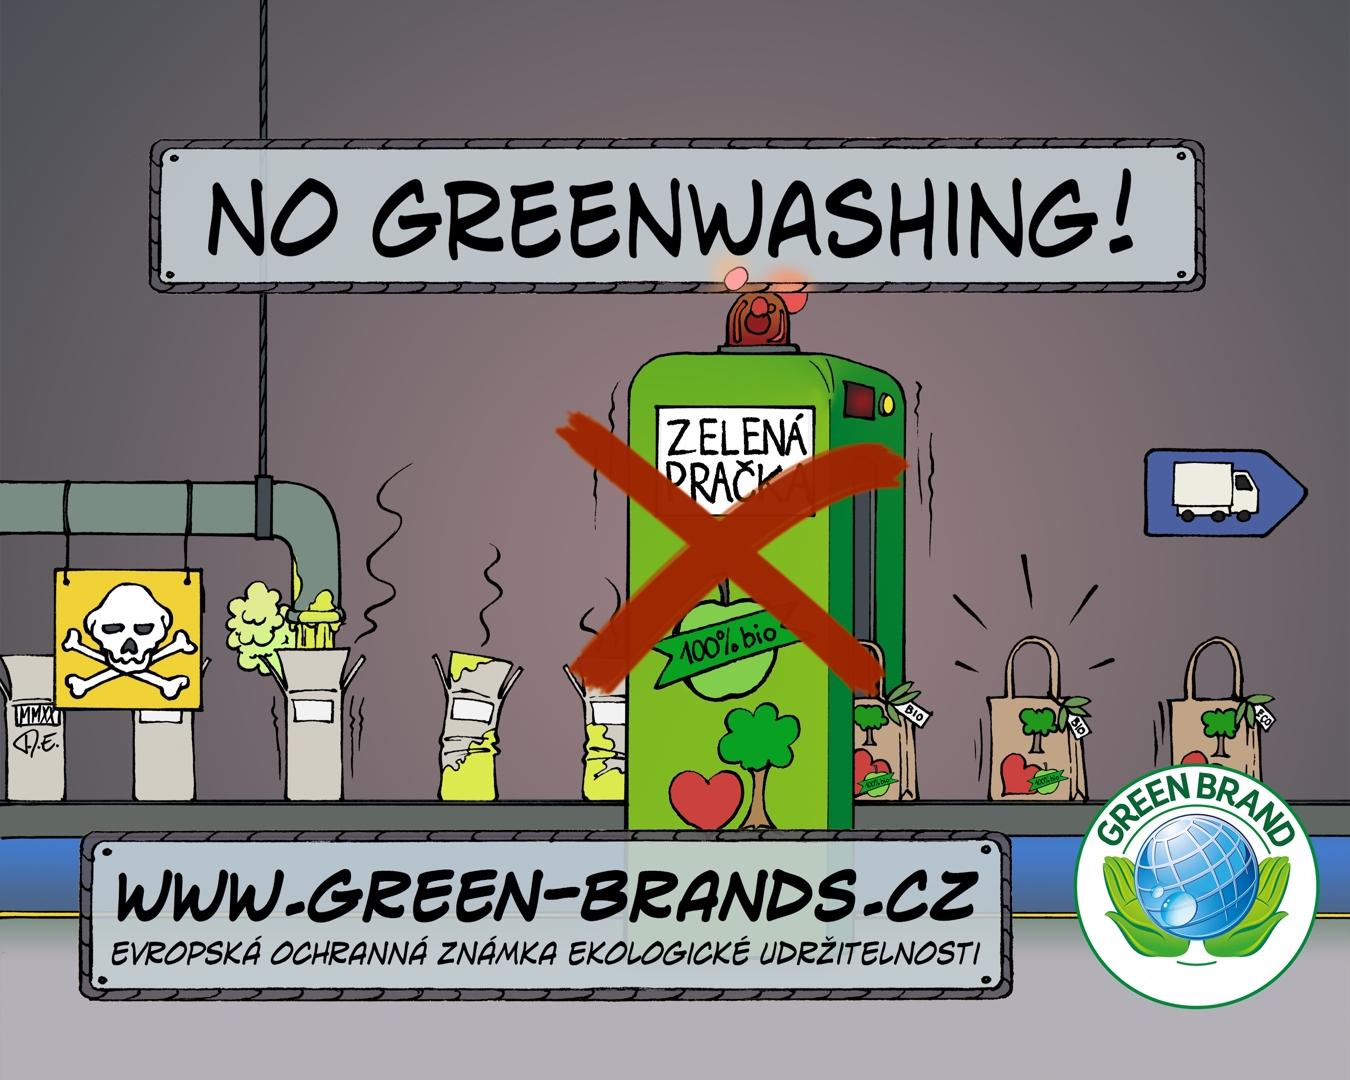 NO GREENWASHING